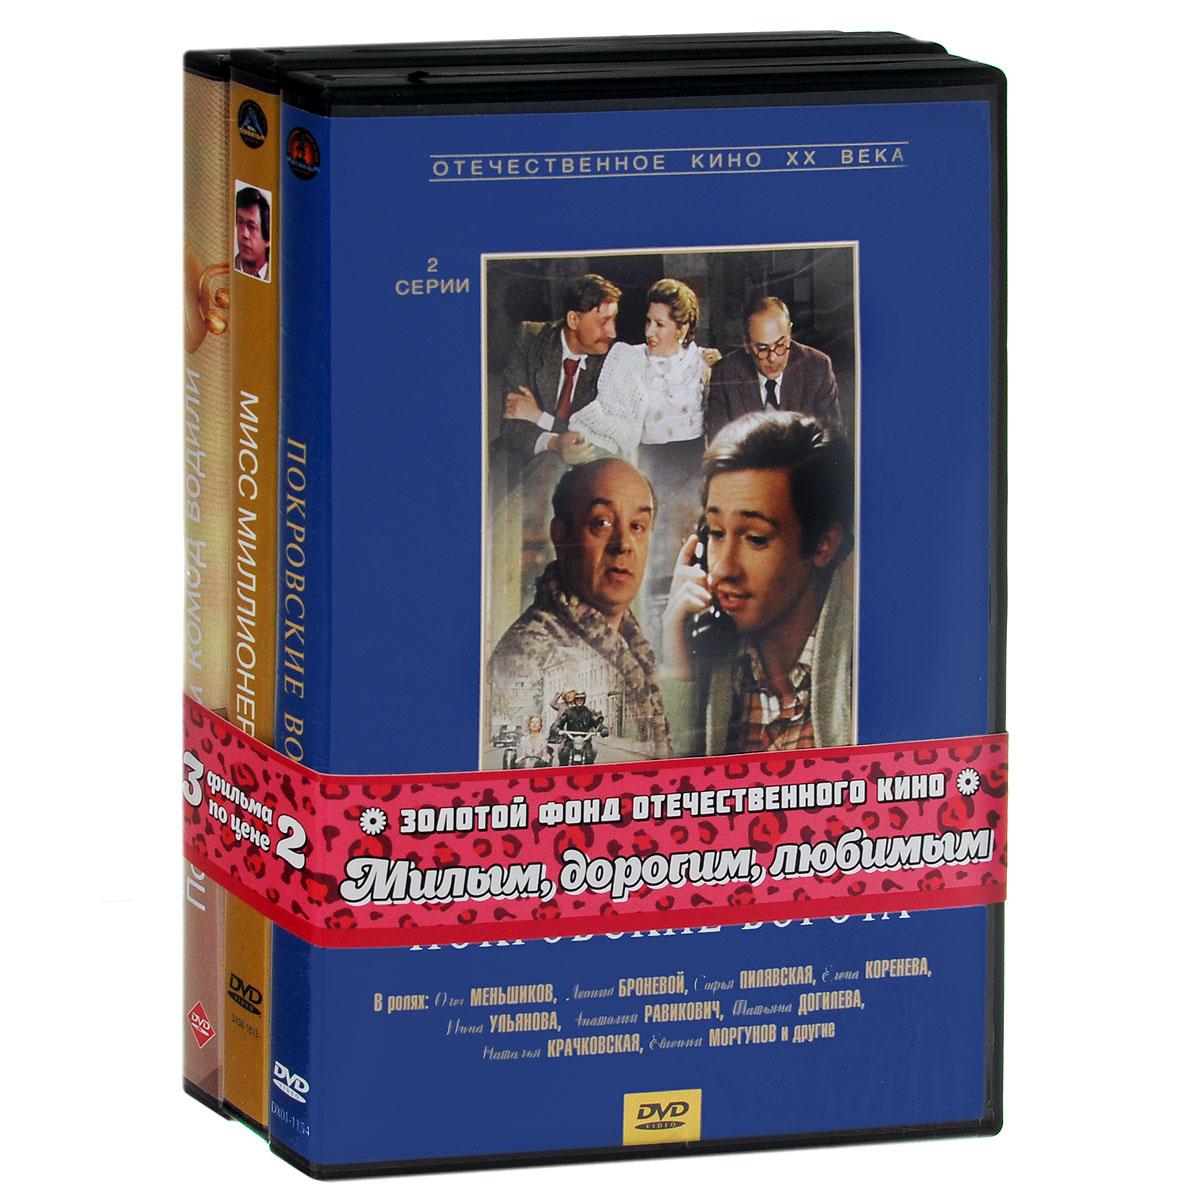 Милым, дорогим, любимым: Мисс миллионерша / По улицам комод водили / Покровские ворота. 1-2 серии (3 DVD) милым дорогим любимым ключ от спальни 1 2 серии красавец мужчина 1 2 серии ханума 1 2 серии 3 dvd